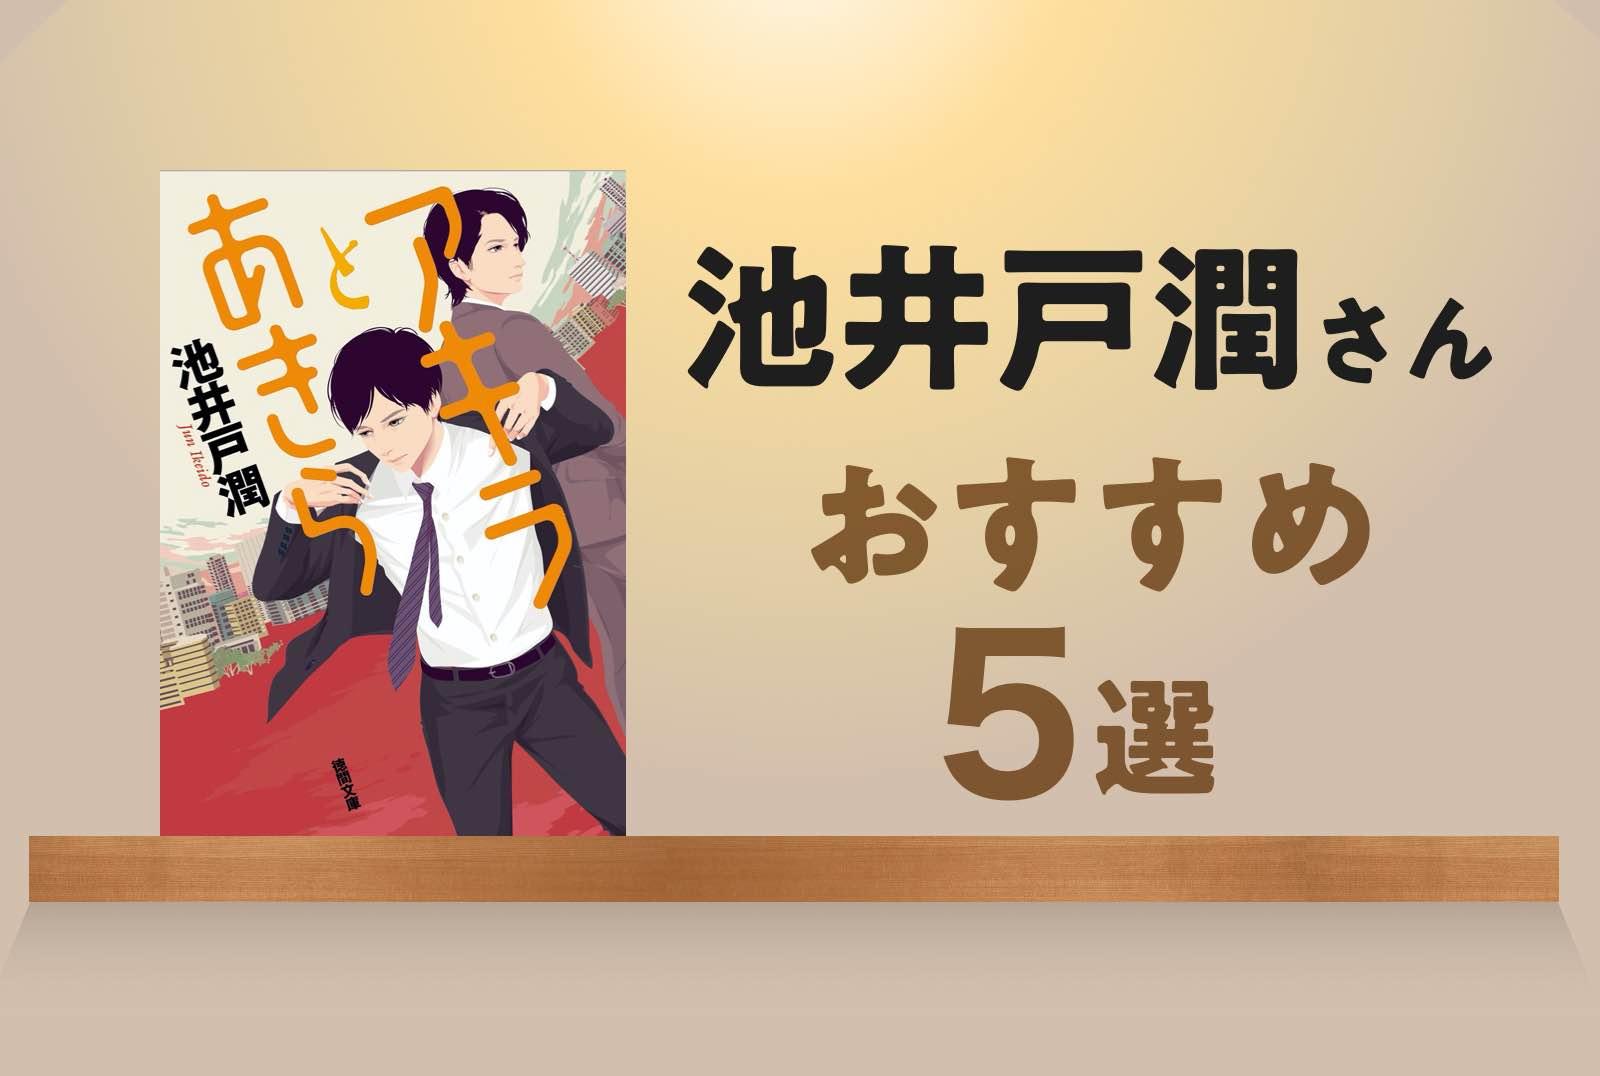 半沢直樹だけじゃない!池井戸潤さんオススメ5選!〜デビュー作から短 ...